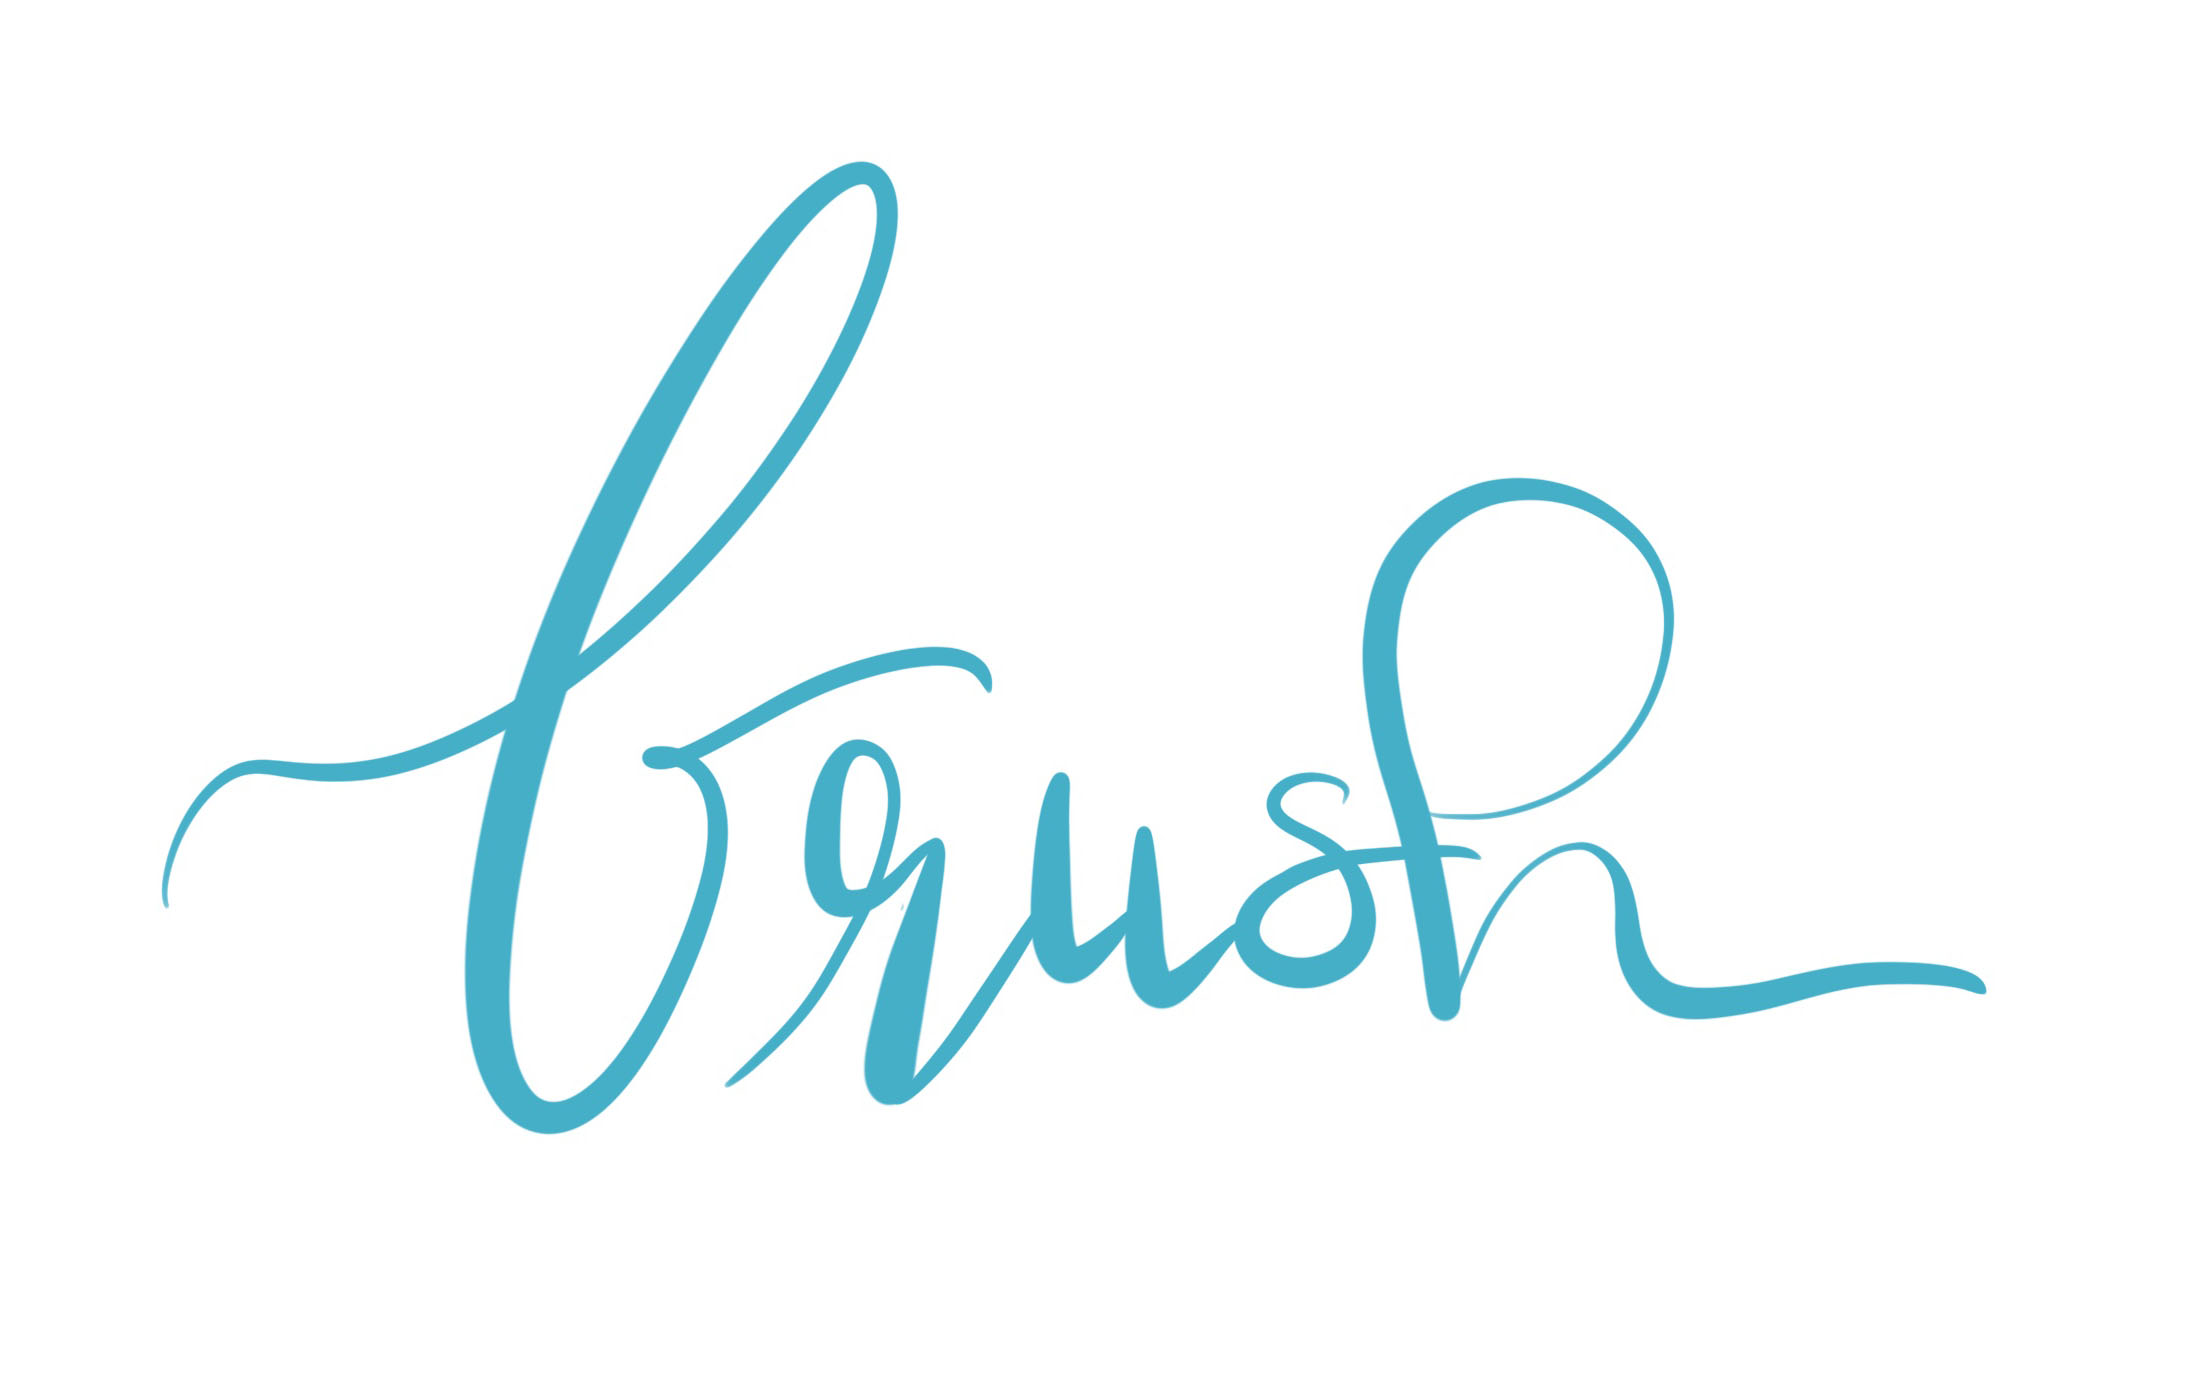 Brush Lettering in tuerkis mit feinem Brushpen und den typischen ducken Abstrichen und duennen Aufstrichen, die beim Brush lettering mit dem Brushpen durch die flexible Pinselspitze entstehen.